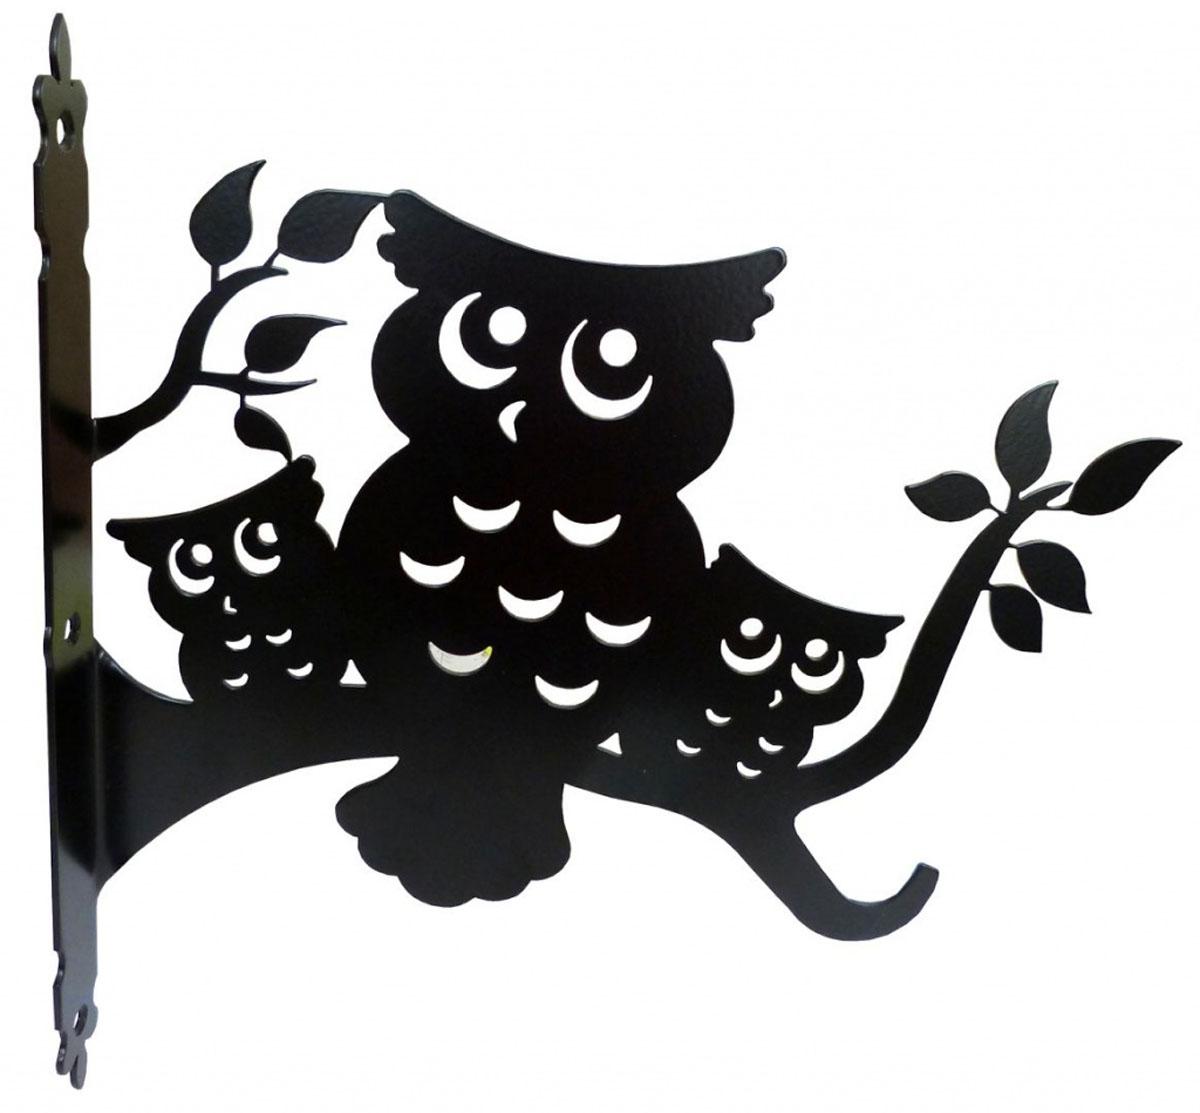 Держатель для кашпо Gala, цвет: черный. DK004-BZ-0307Оригинальный держатель для кашпо Gala, изготовленный из металла в виде оригинальной фигурки, станет прекрасным украшением вашего сада. С его помощью вы сможете расположить корзину с цветами в любом удобном месте: на даче, участке, на городском балконе и в других местах.Такой держатель с годами не потеряет своей привлекательности. Он послужит настоящим украшением и необычным элементом дизайна.Размер держателя (ДхШ): 23,6 х 30 см.